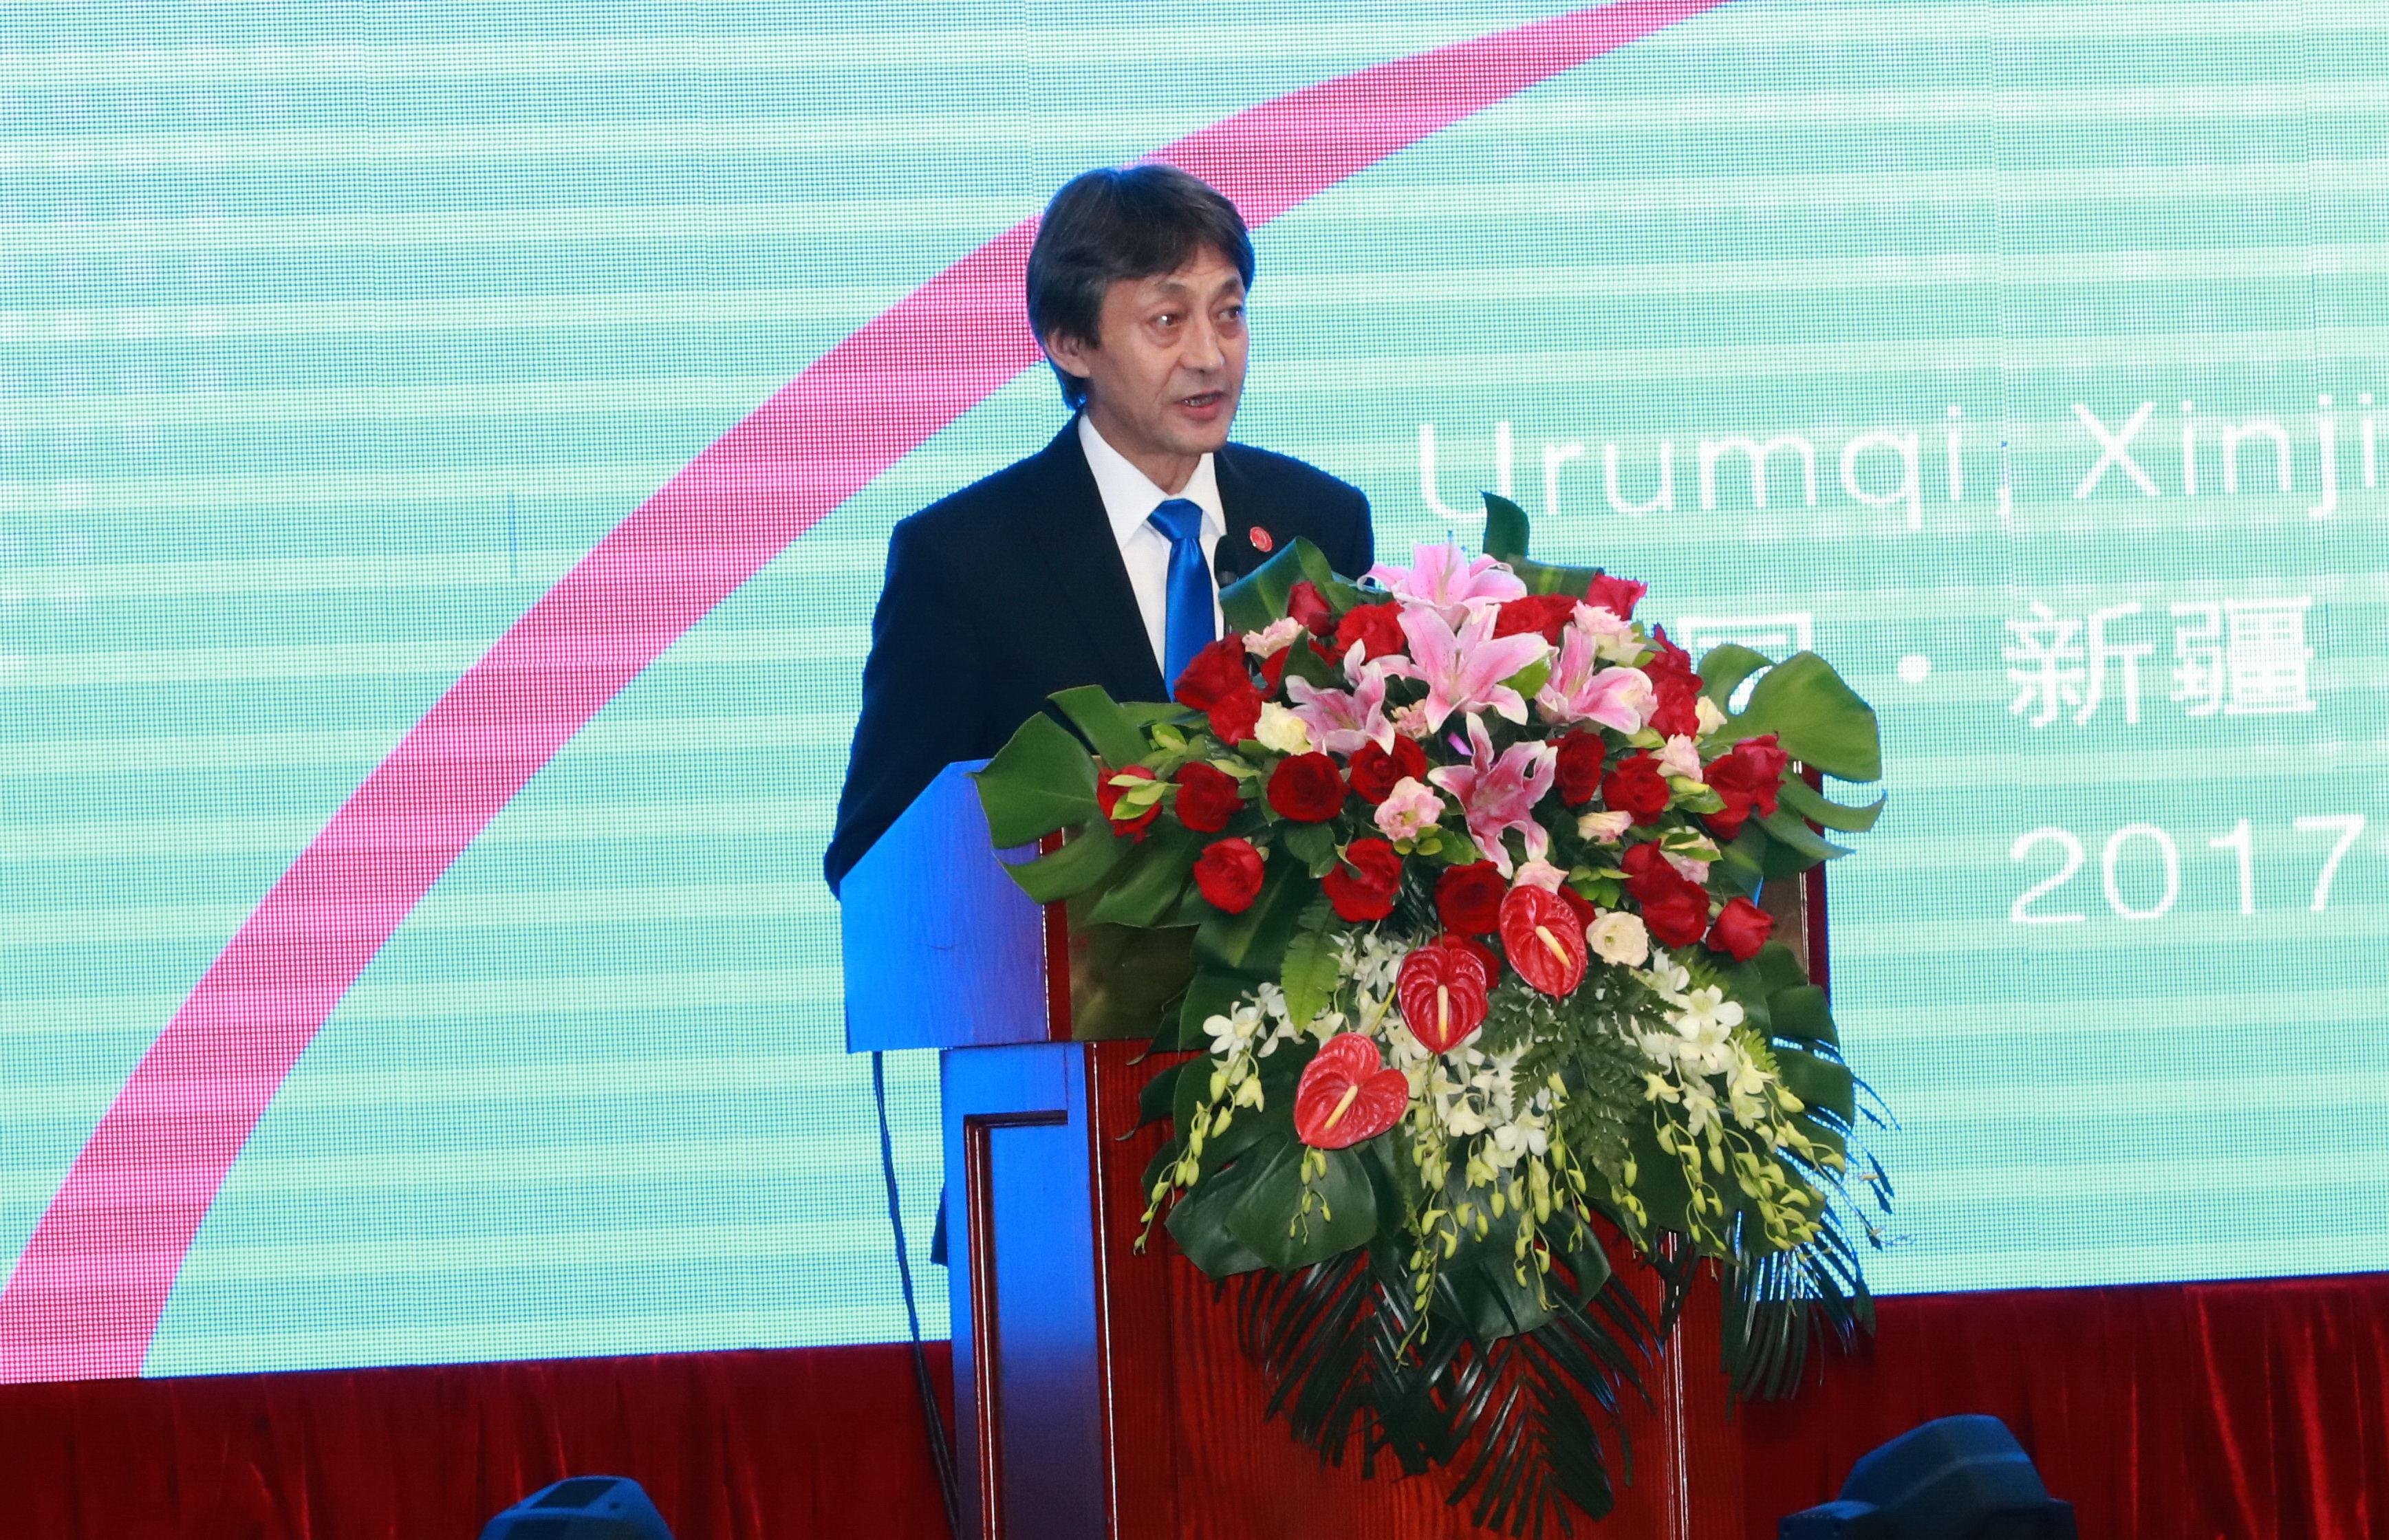 2.Төв Азийн Бүс нутгийн эдийн засгийн хамтын ажиллагааны Хүрээлэнгийн захирал С.Баяраа ёслолын ажиллагаанд оролцогчдод хандан үг хэлэв.